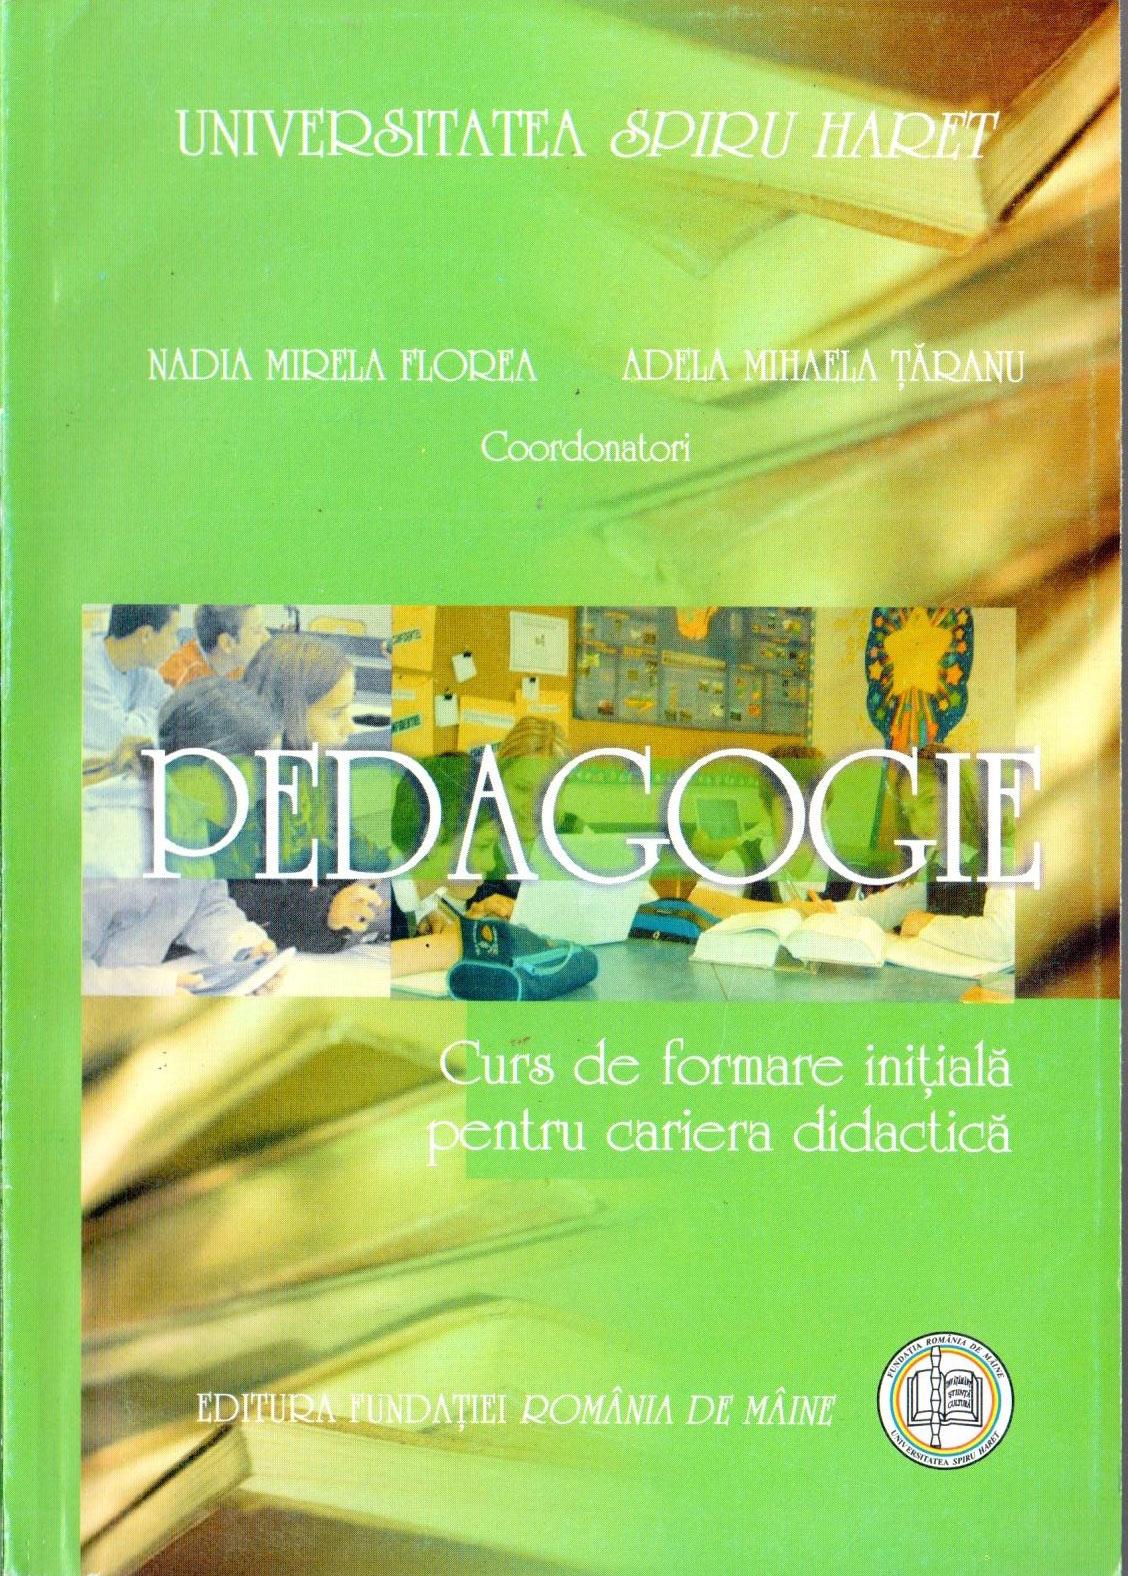 Pedagogie. Curs de formare initiala pentru cariera didactica